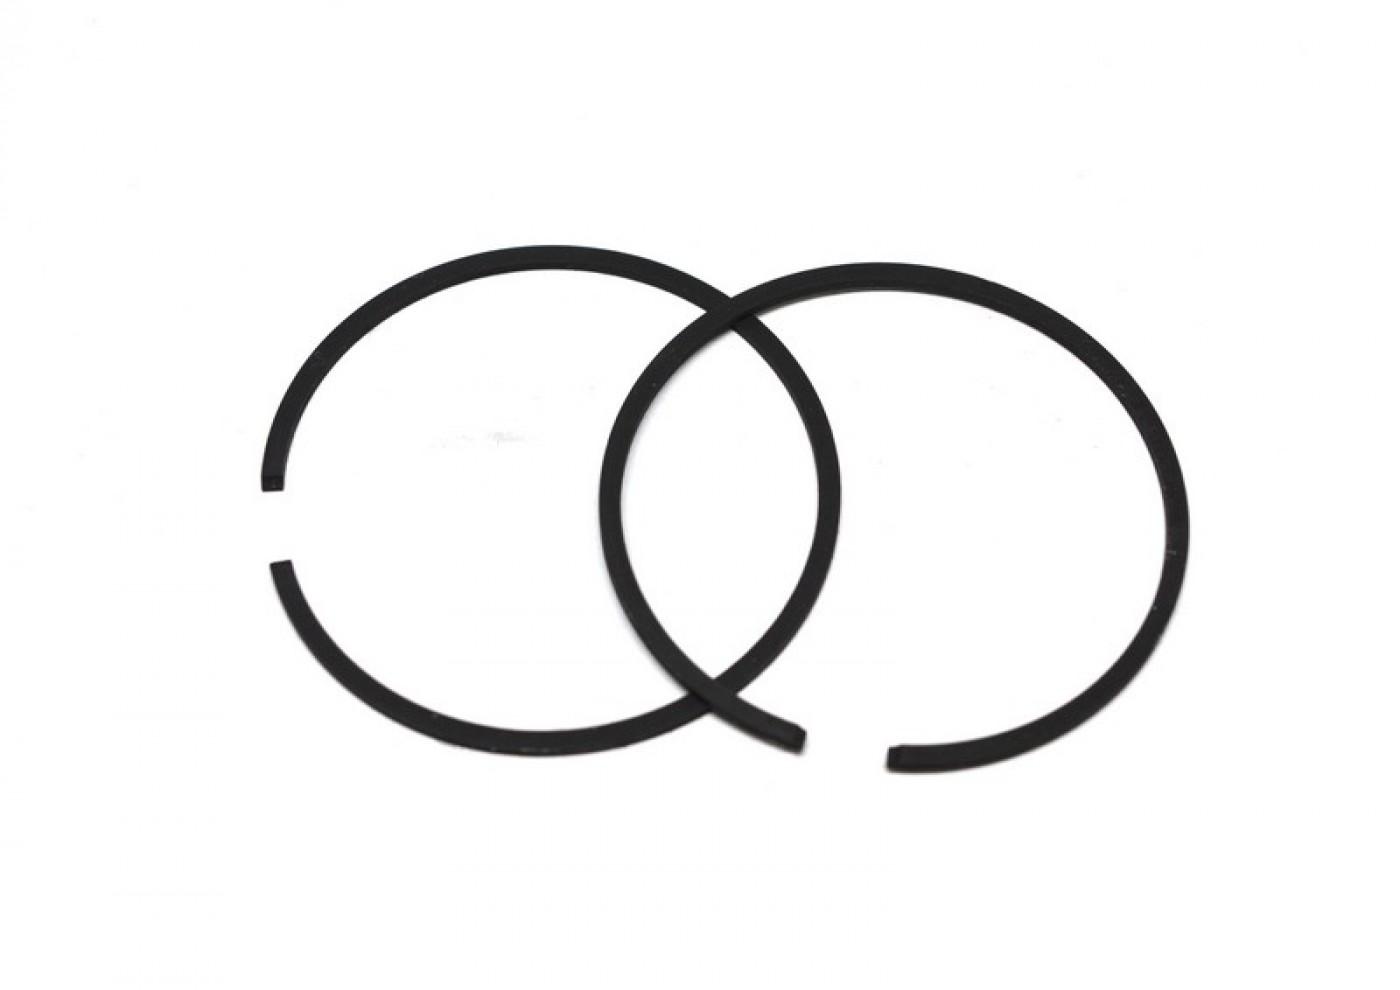 Sada pístních kroužků 50 mm x 1,2 mm